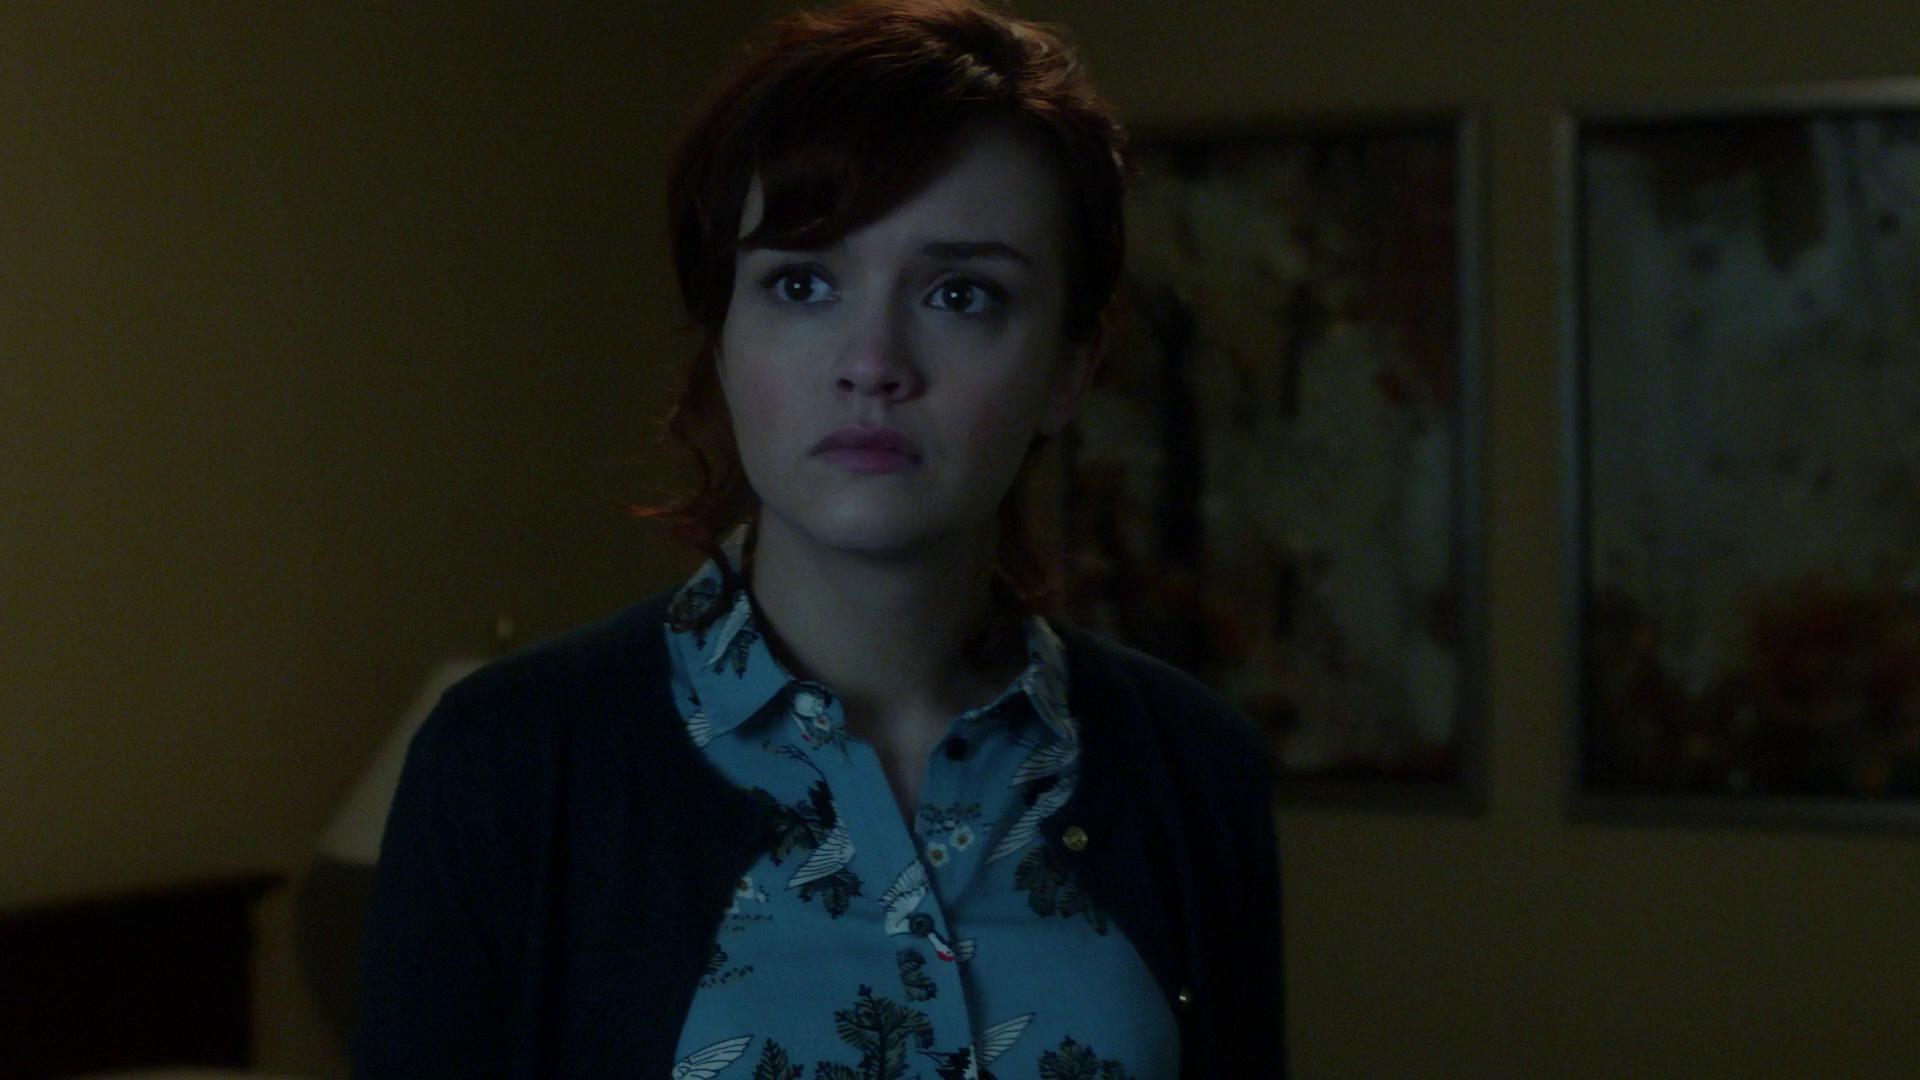 Сериал Мотель Бейтса 1 сезон Bates Motel смотреть онлайн